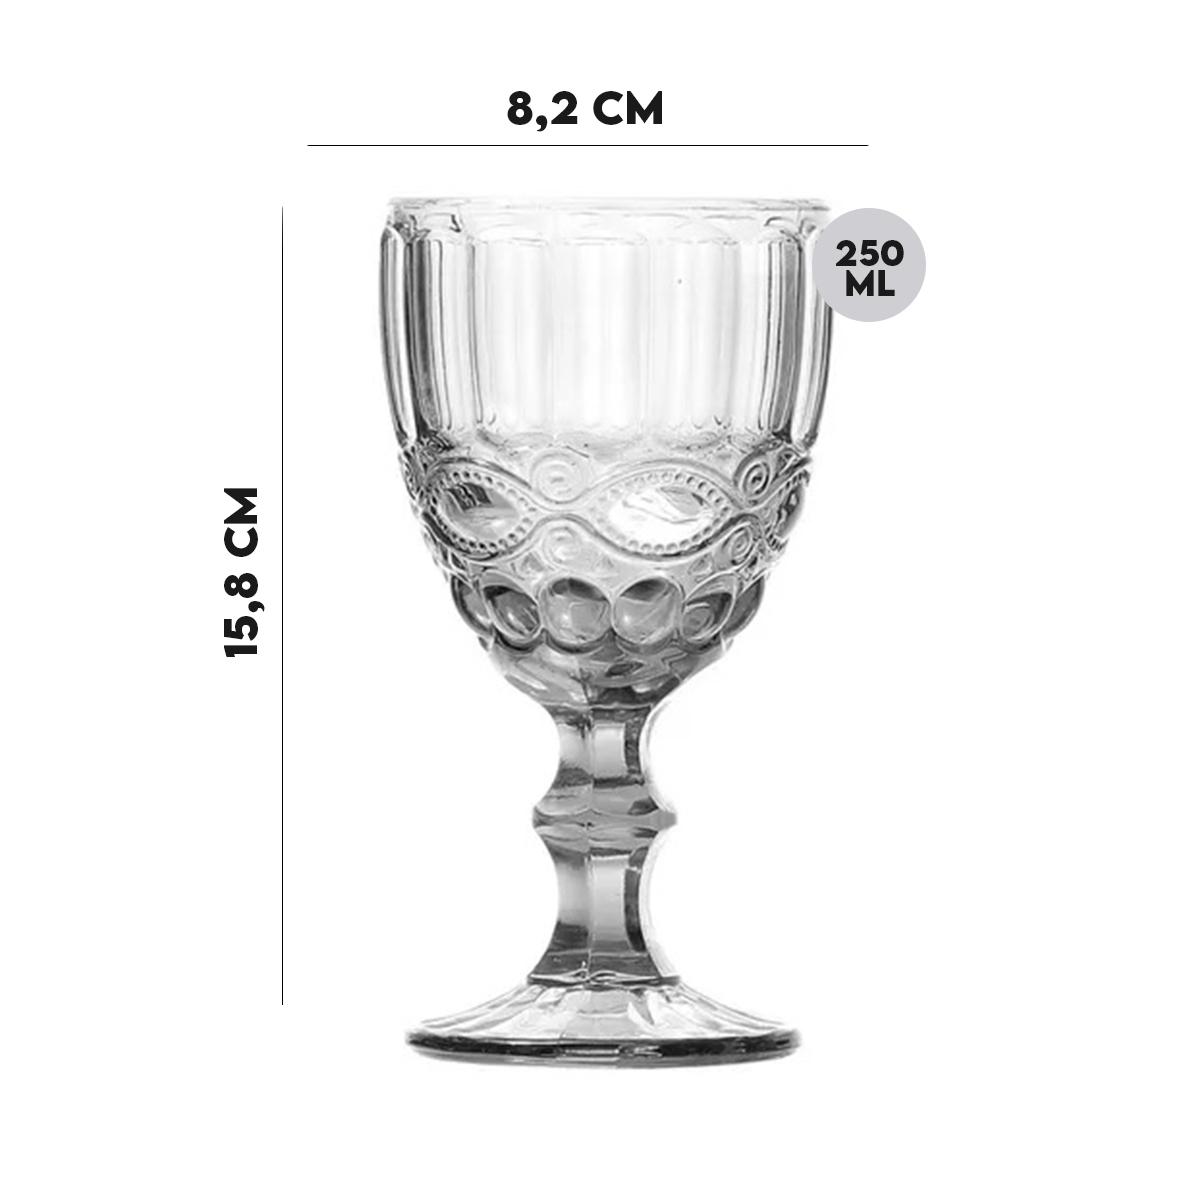 Jogo 4 Taças Para Vinho de Vidro Libelula Transparente 250ml  - Lemis